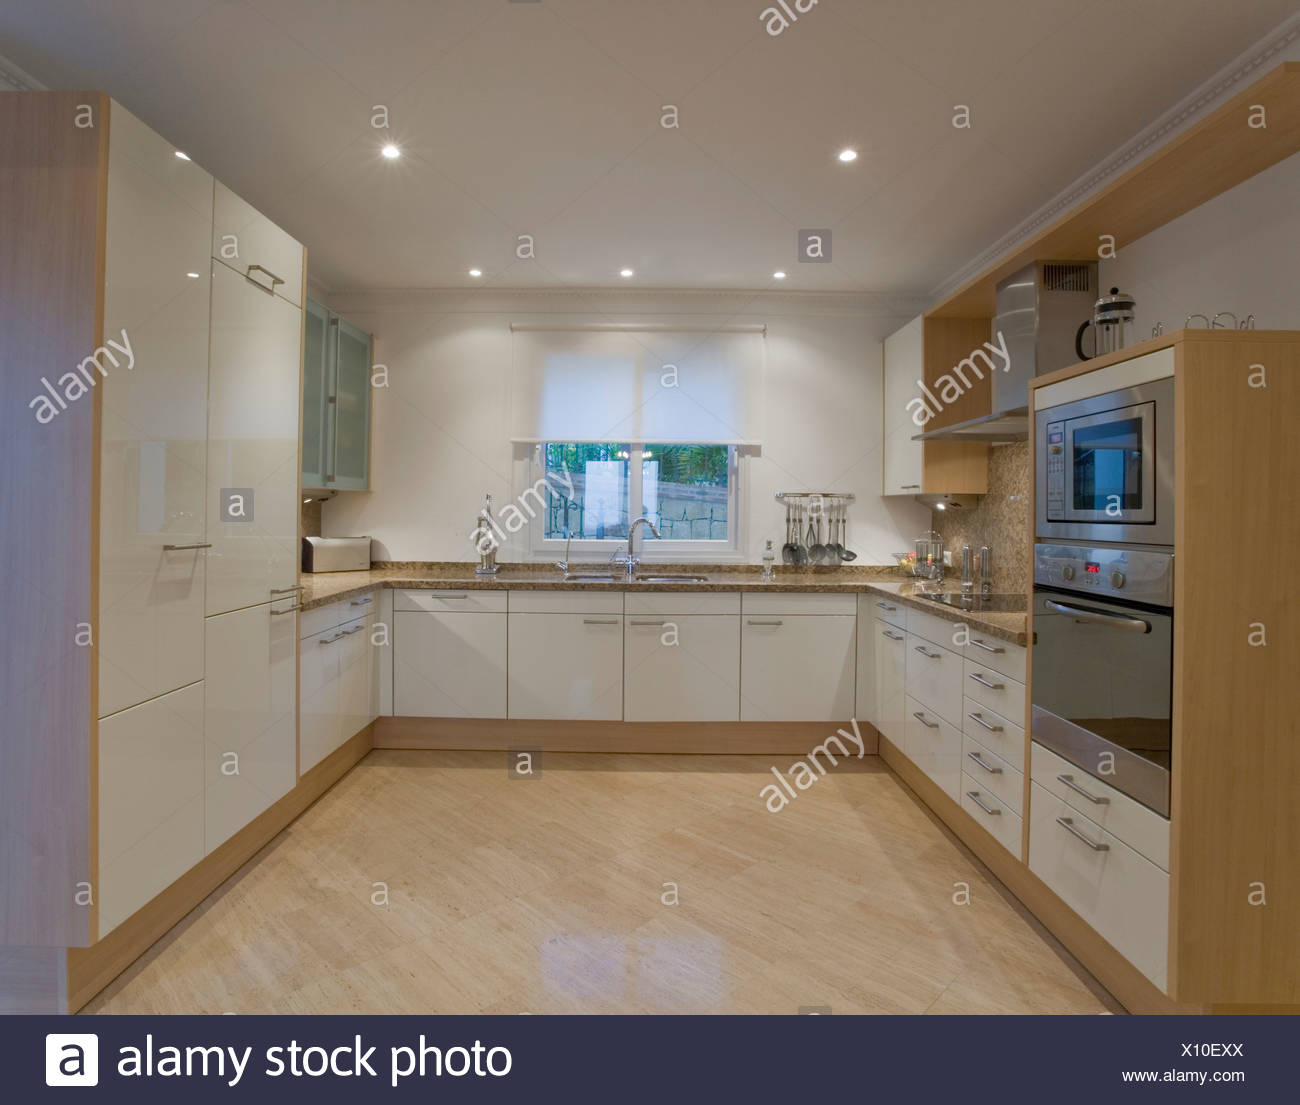 Super Moderne weiße Küche mit Marmorboden Stockfoto, Bild: 275992274 - Alamy RP81